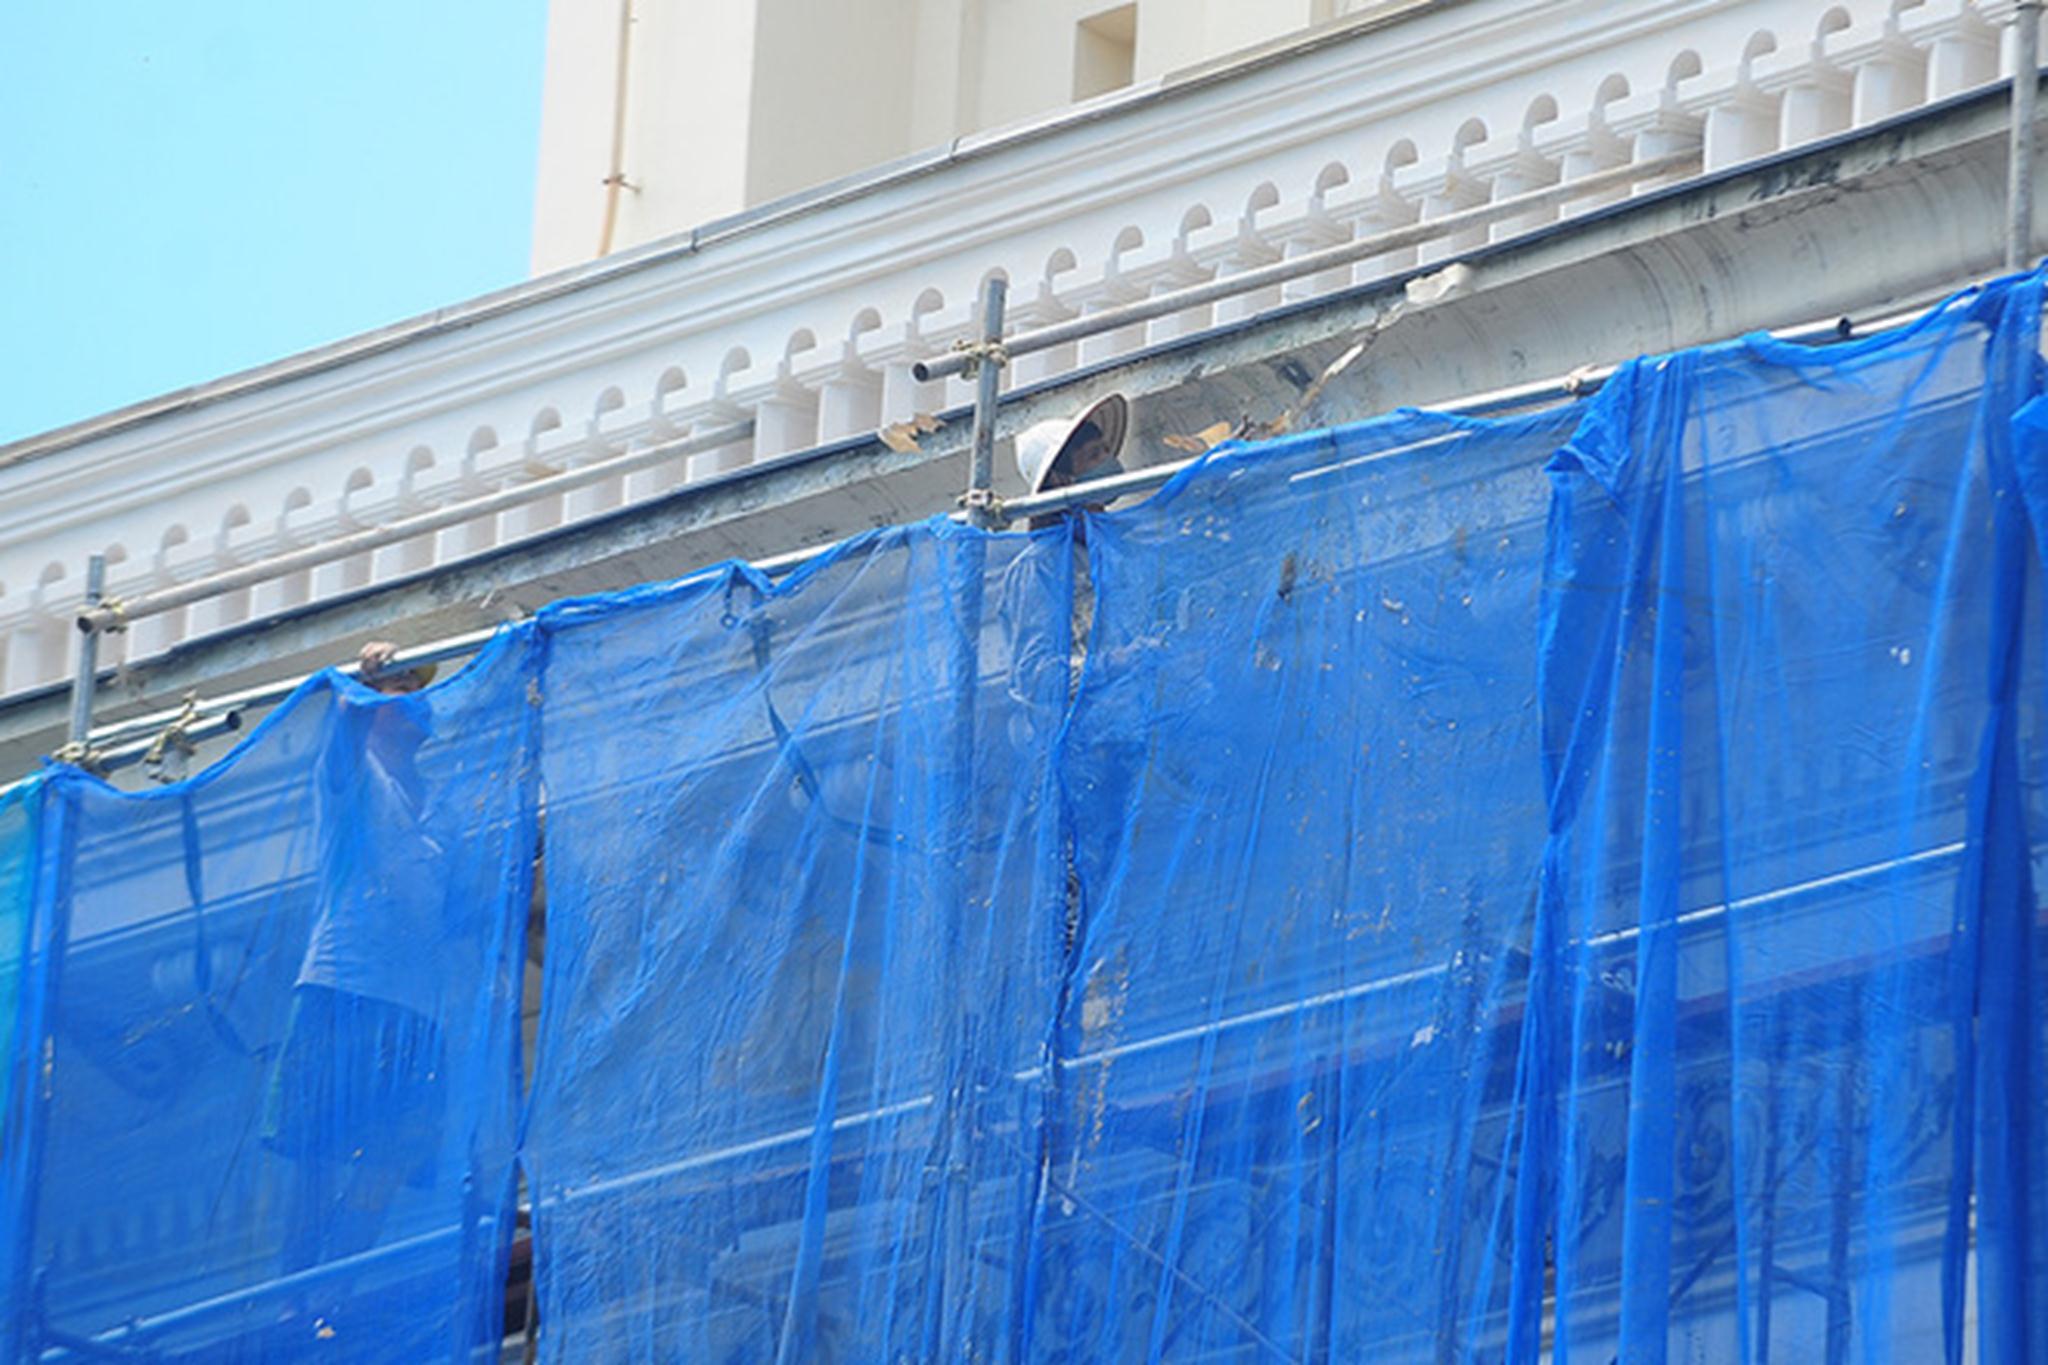 Phía sau của Nhà hát được quây lưới kín, các công nhân đang bóc những lớp sơn cũ bong tróc từ trước.